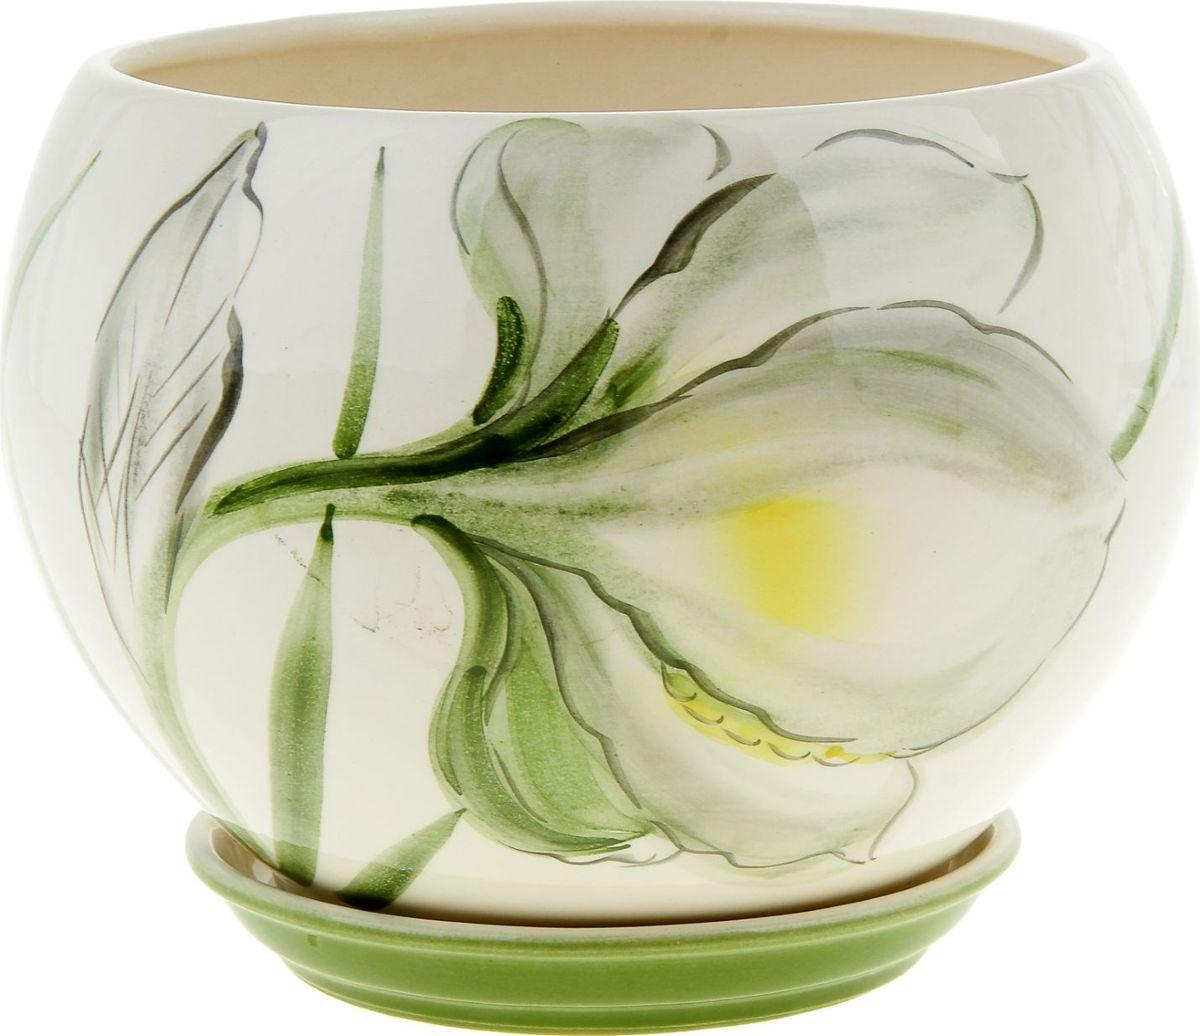 Кашпо Керамика ручной работы Шар. Нарцисс, цвет: белый, 4,1 л835648Комнатные растения — всеобщие любимцы. Они радуют глаз, насыщают помещение кислородом и украшают пространство. Каждому из них необходим свой удобный и красивый дом. Кашпо из керамики прекрасно подходят для высадки растений: за счет пластичности глины и разных способов обработки существует великое множество форм и дизайнов пористый материал позволяет испаряться лишней влаге воздух, необходимый для дыхания корней, проникает сквозь керамические стенки! позаботится о зеленом питомце, освежит интерьер и подчеркнет его стиль.